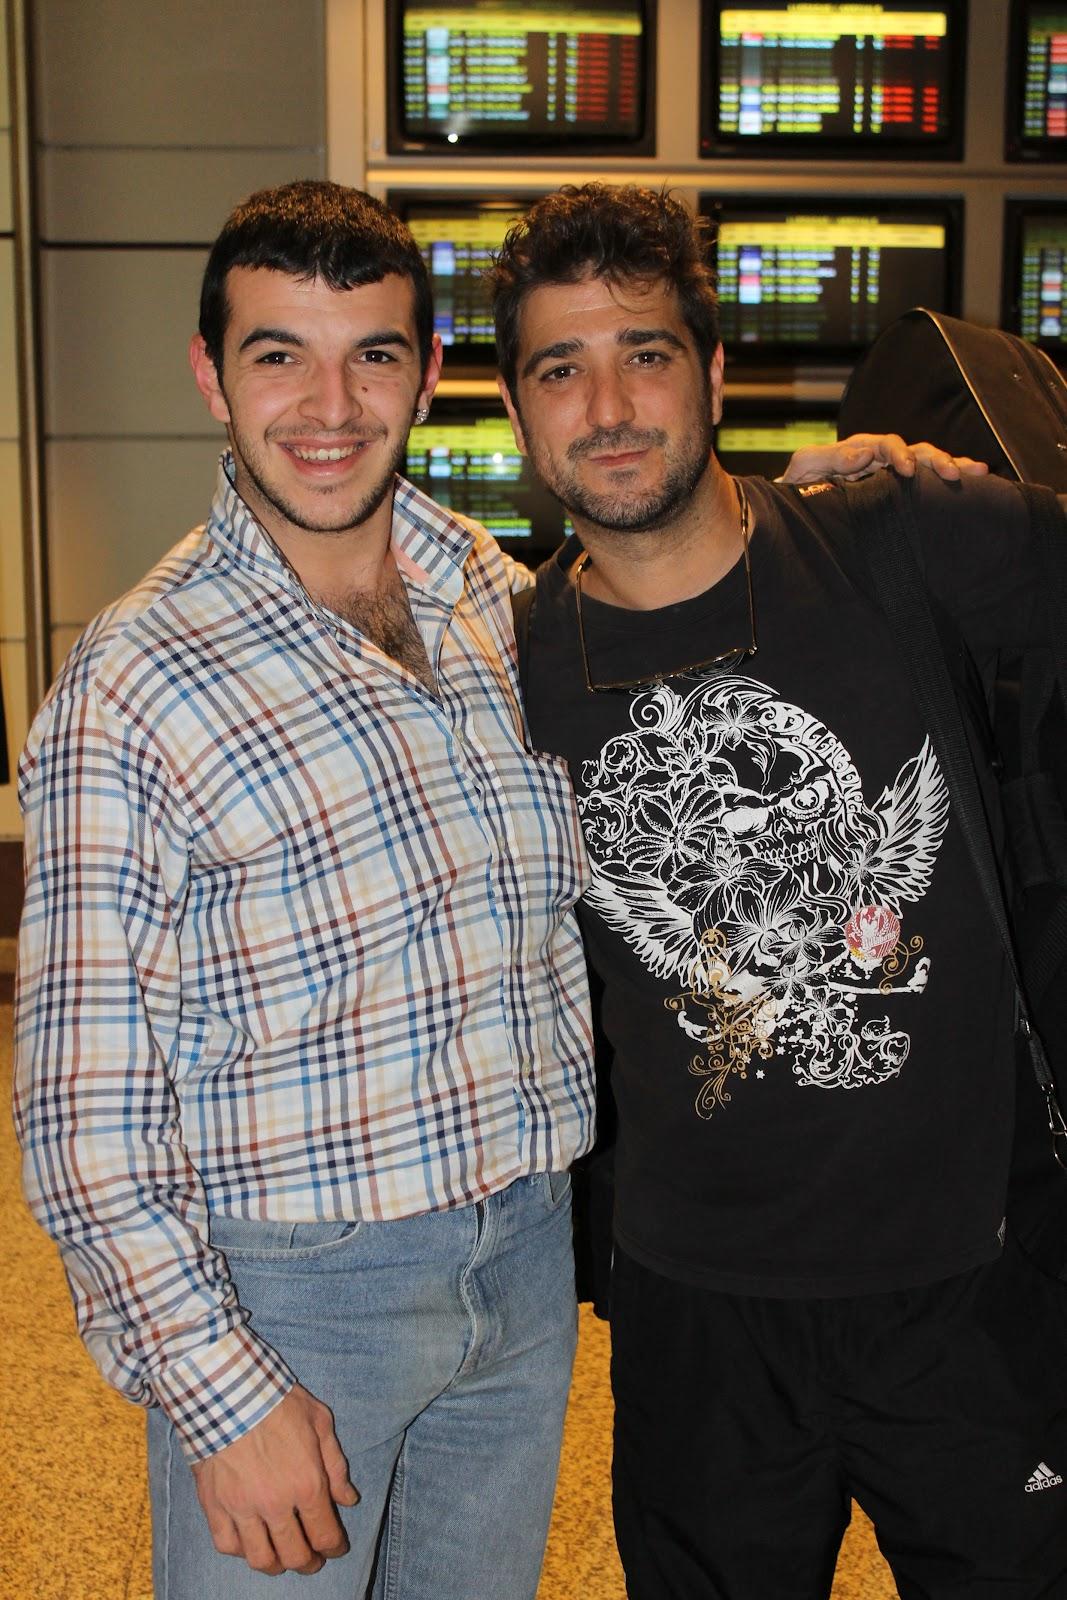 ¿Cuánto mide Antonio Orozco? Antonio+Orozco